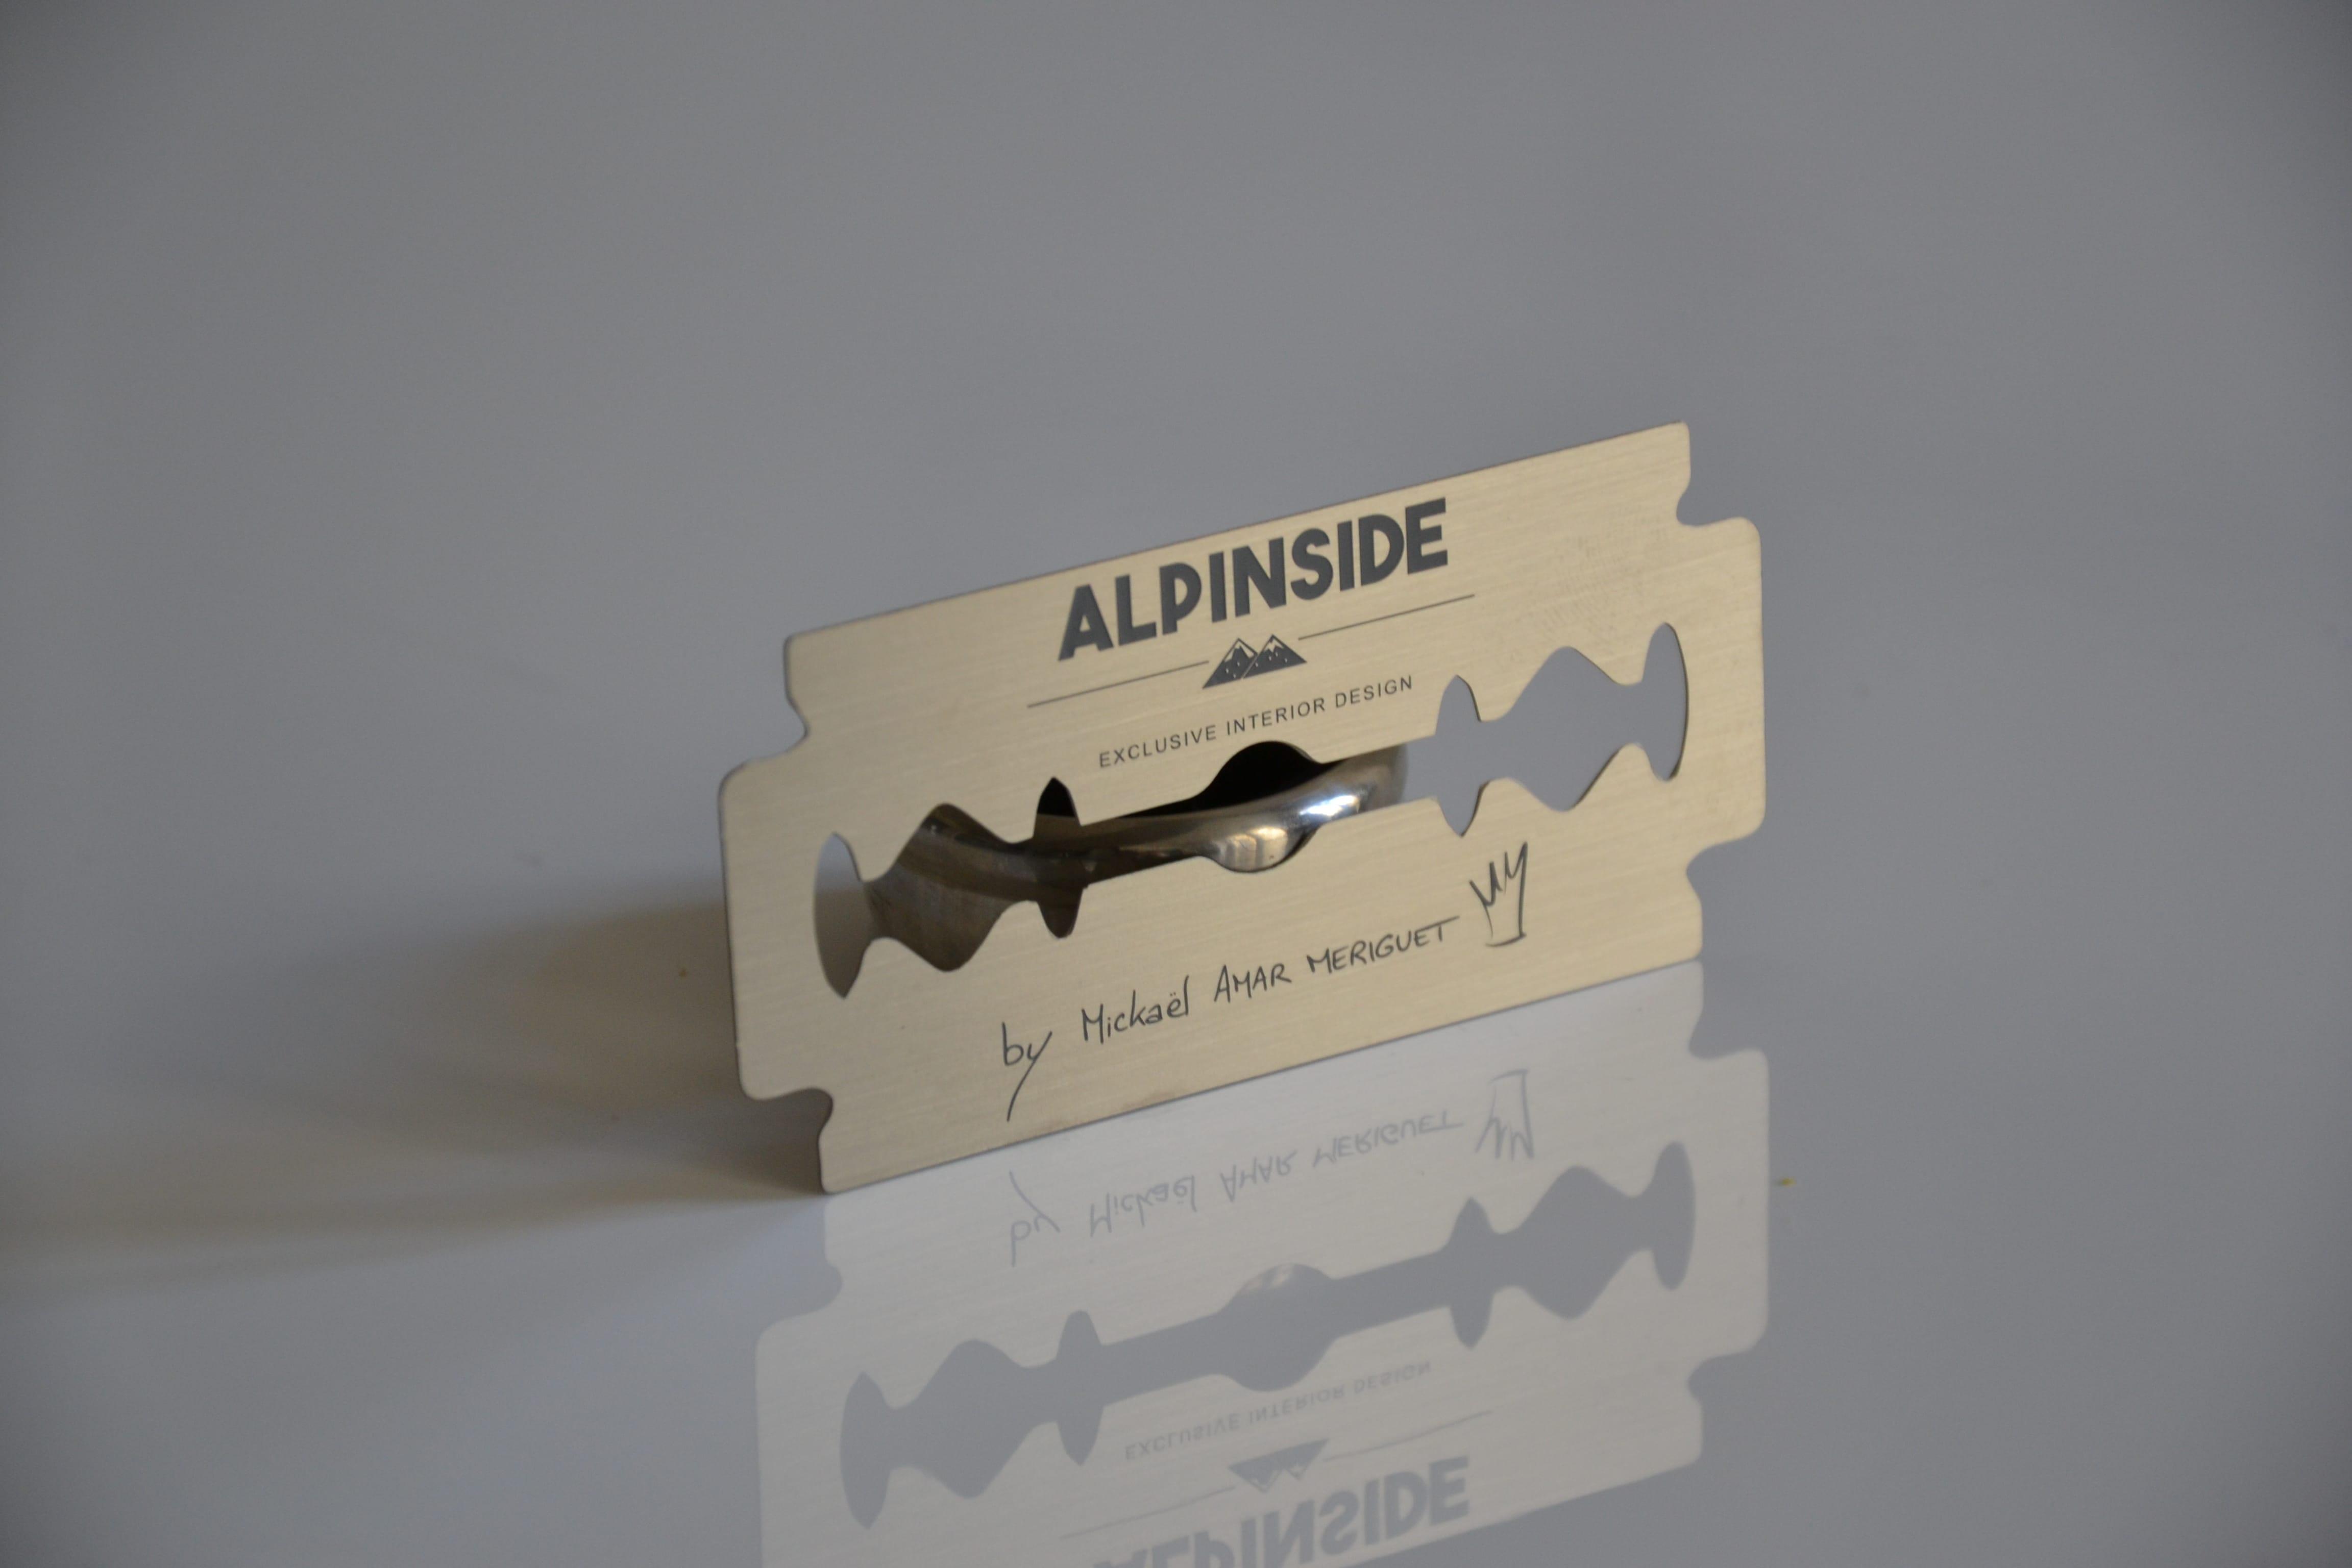 Original business cards for architect